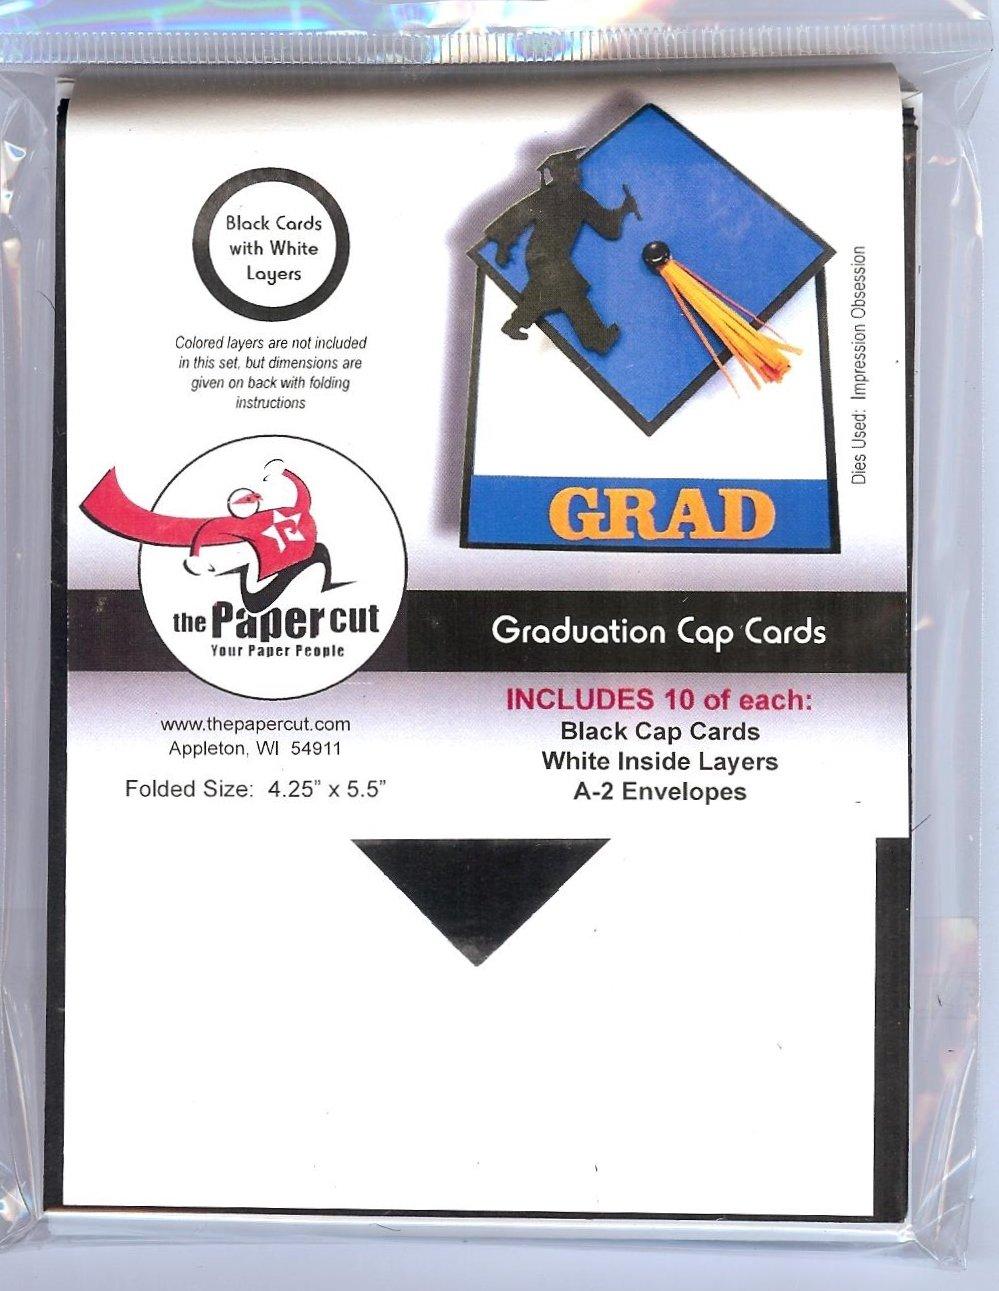 The Paper Cut - Graduation Cap Cards